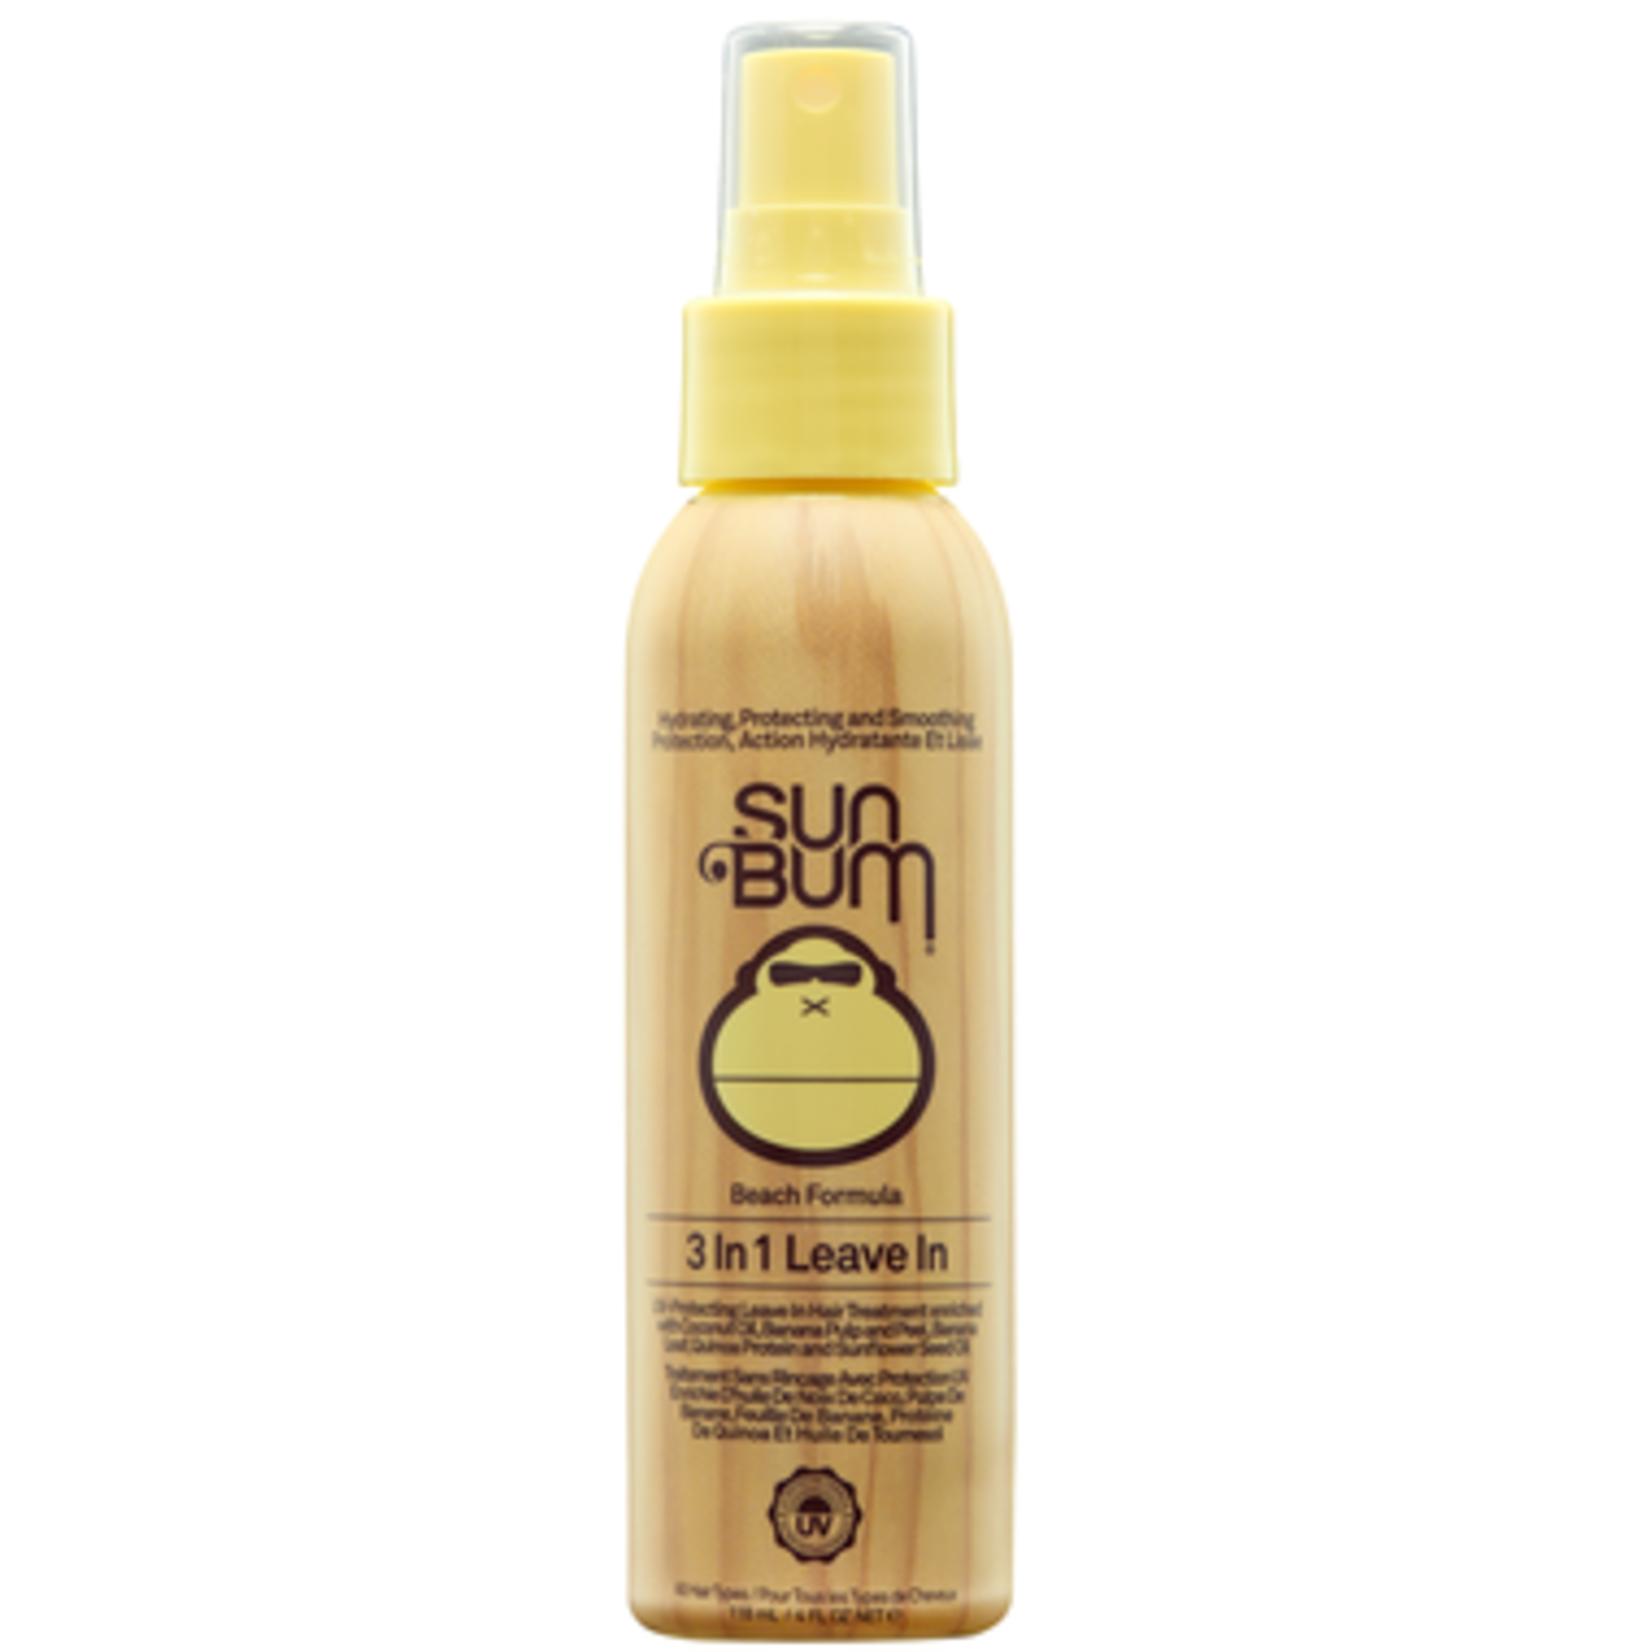 Sun Bum 3-in-1 Leave In Spray